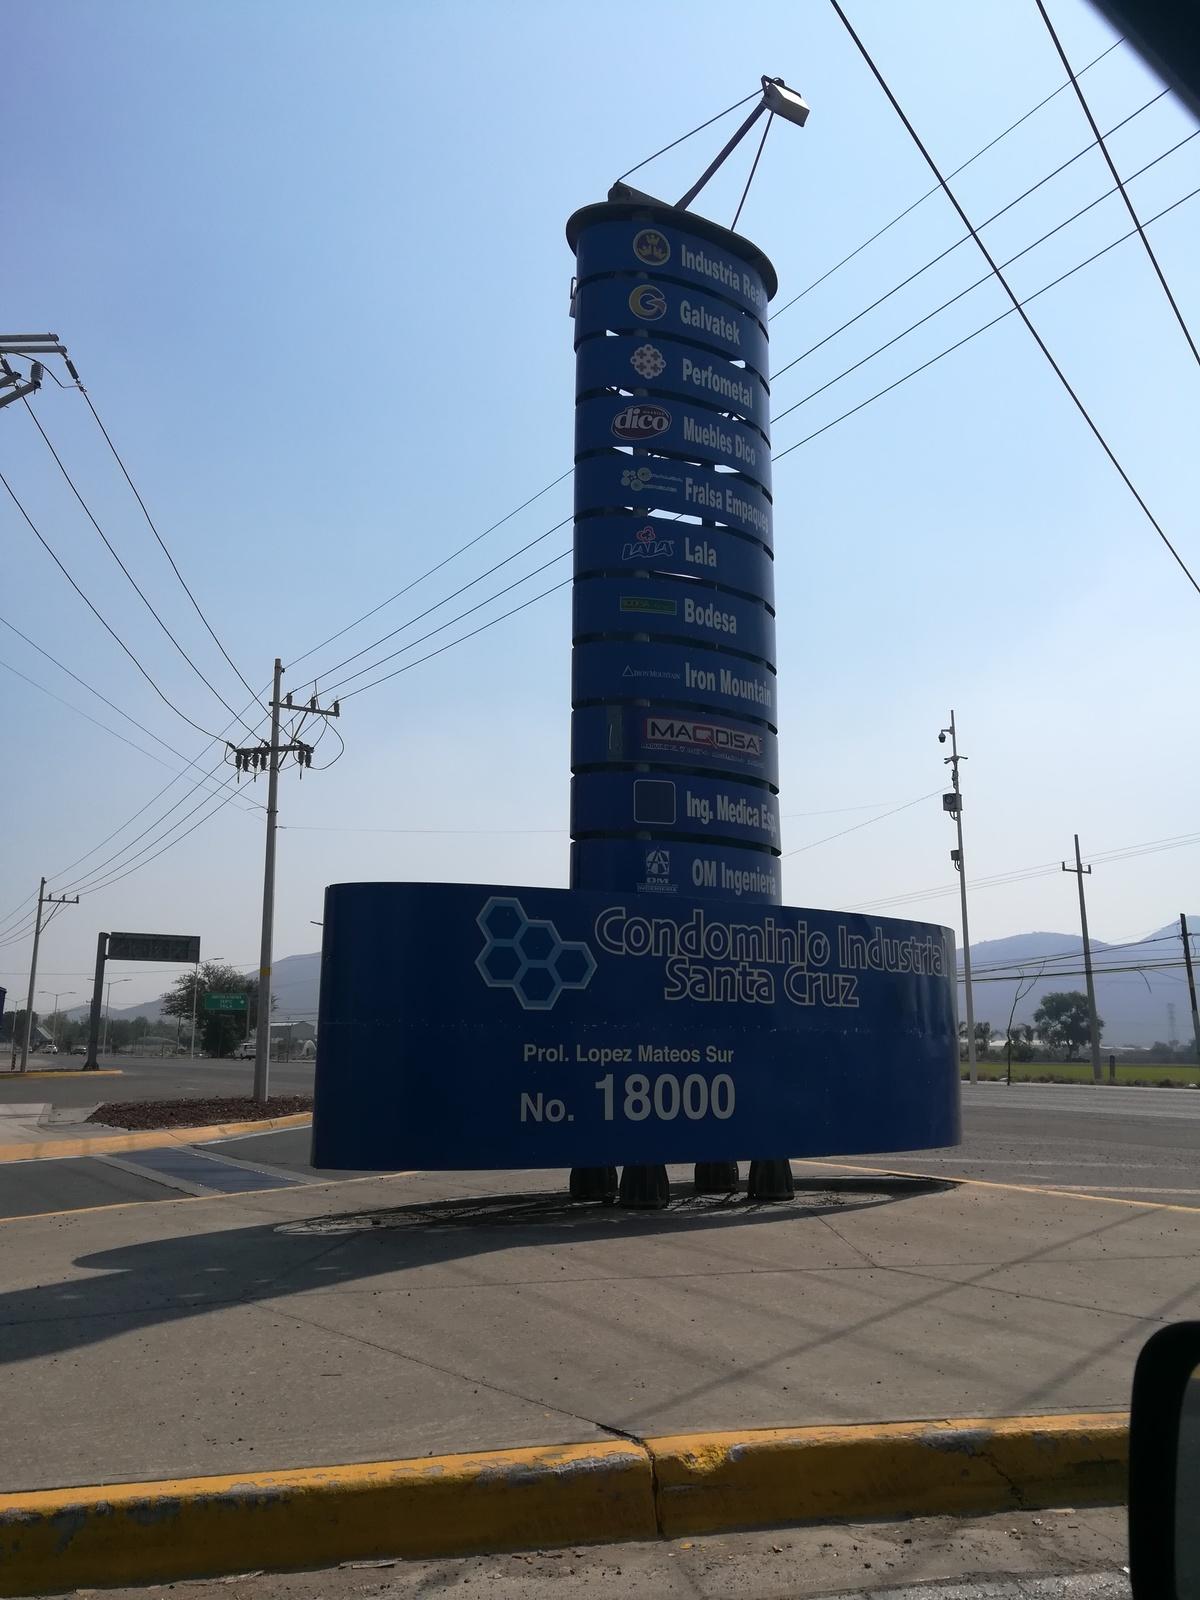 19 de 19: Condominio Industria Santa Cruz